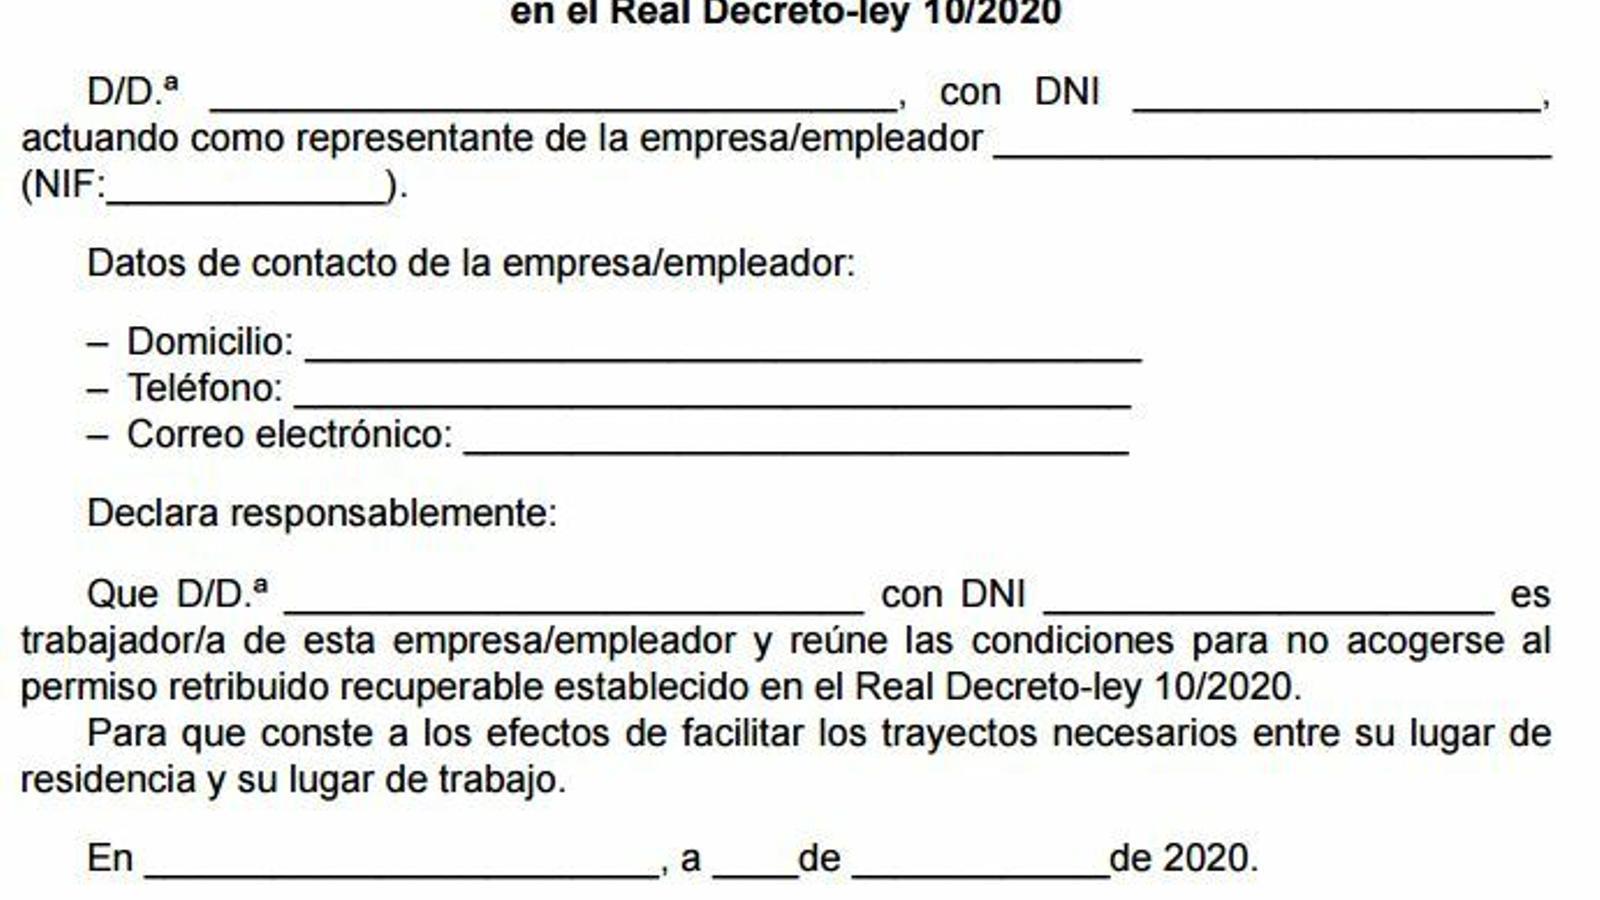 Model de declaració responsable publicat al BOE.